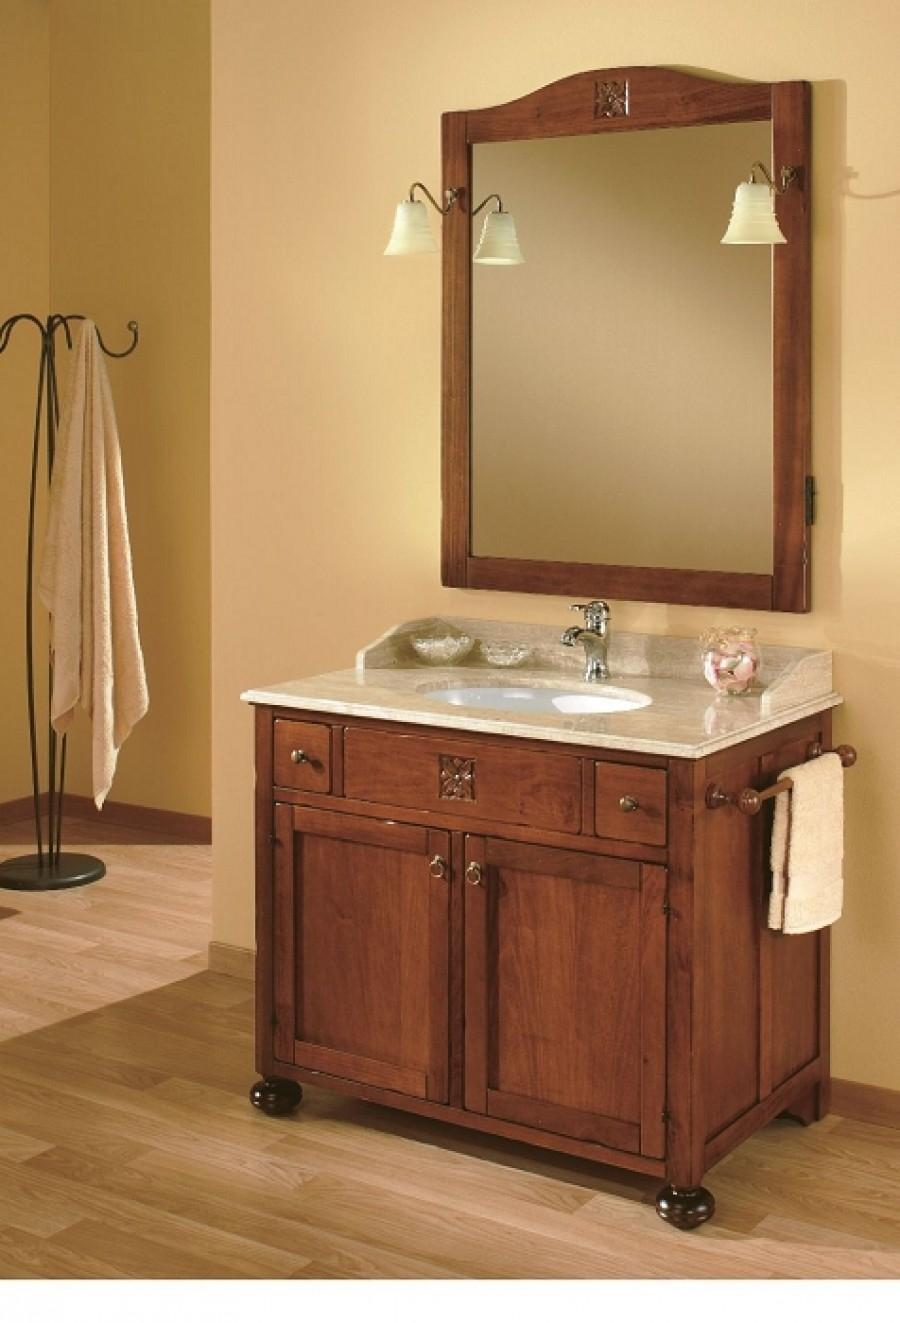 meuble de salle de bain ancien meuble de salle de bain ancienne occasion with meuble de salle. Black Bedroom Furniture Sets. Home Design Ideas